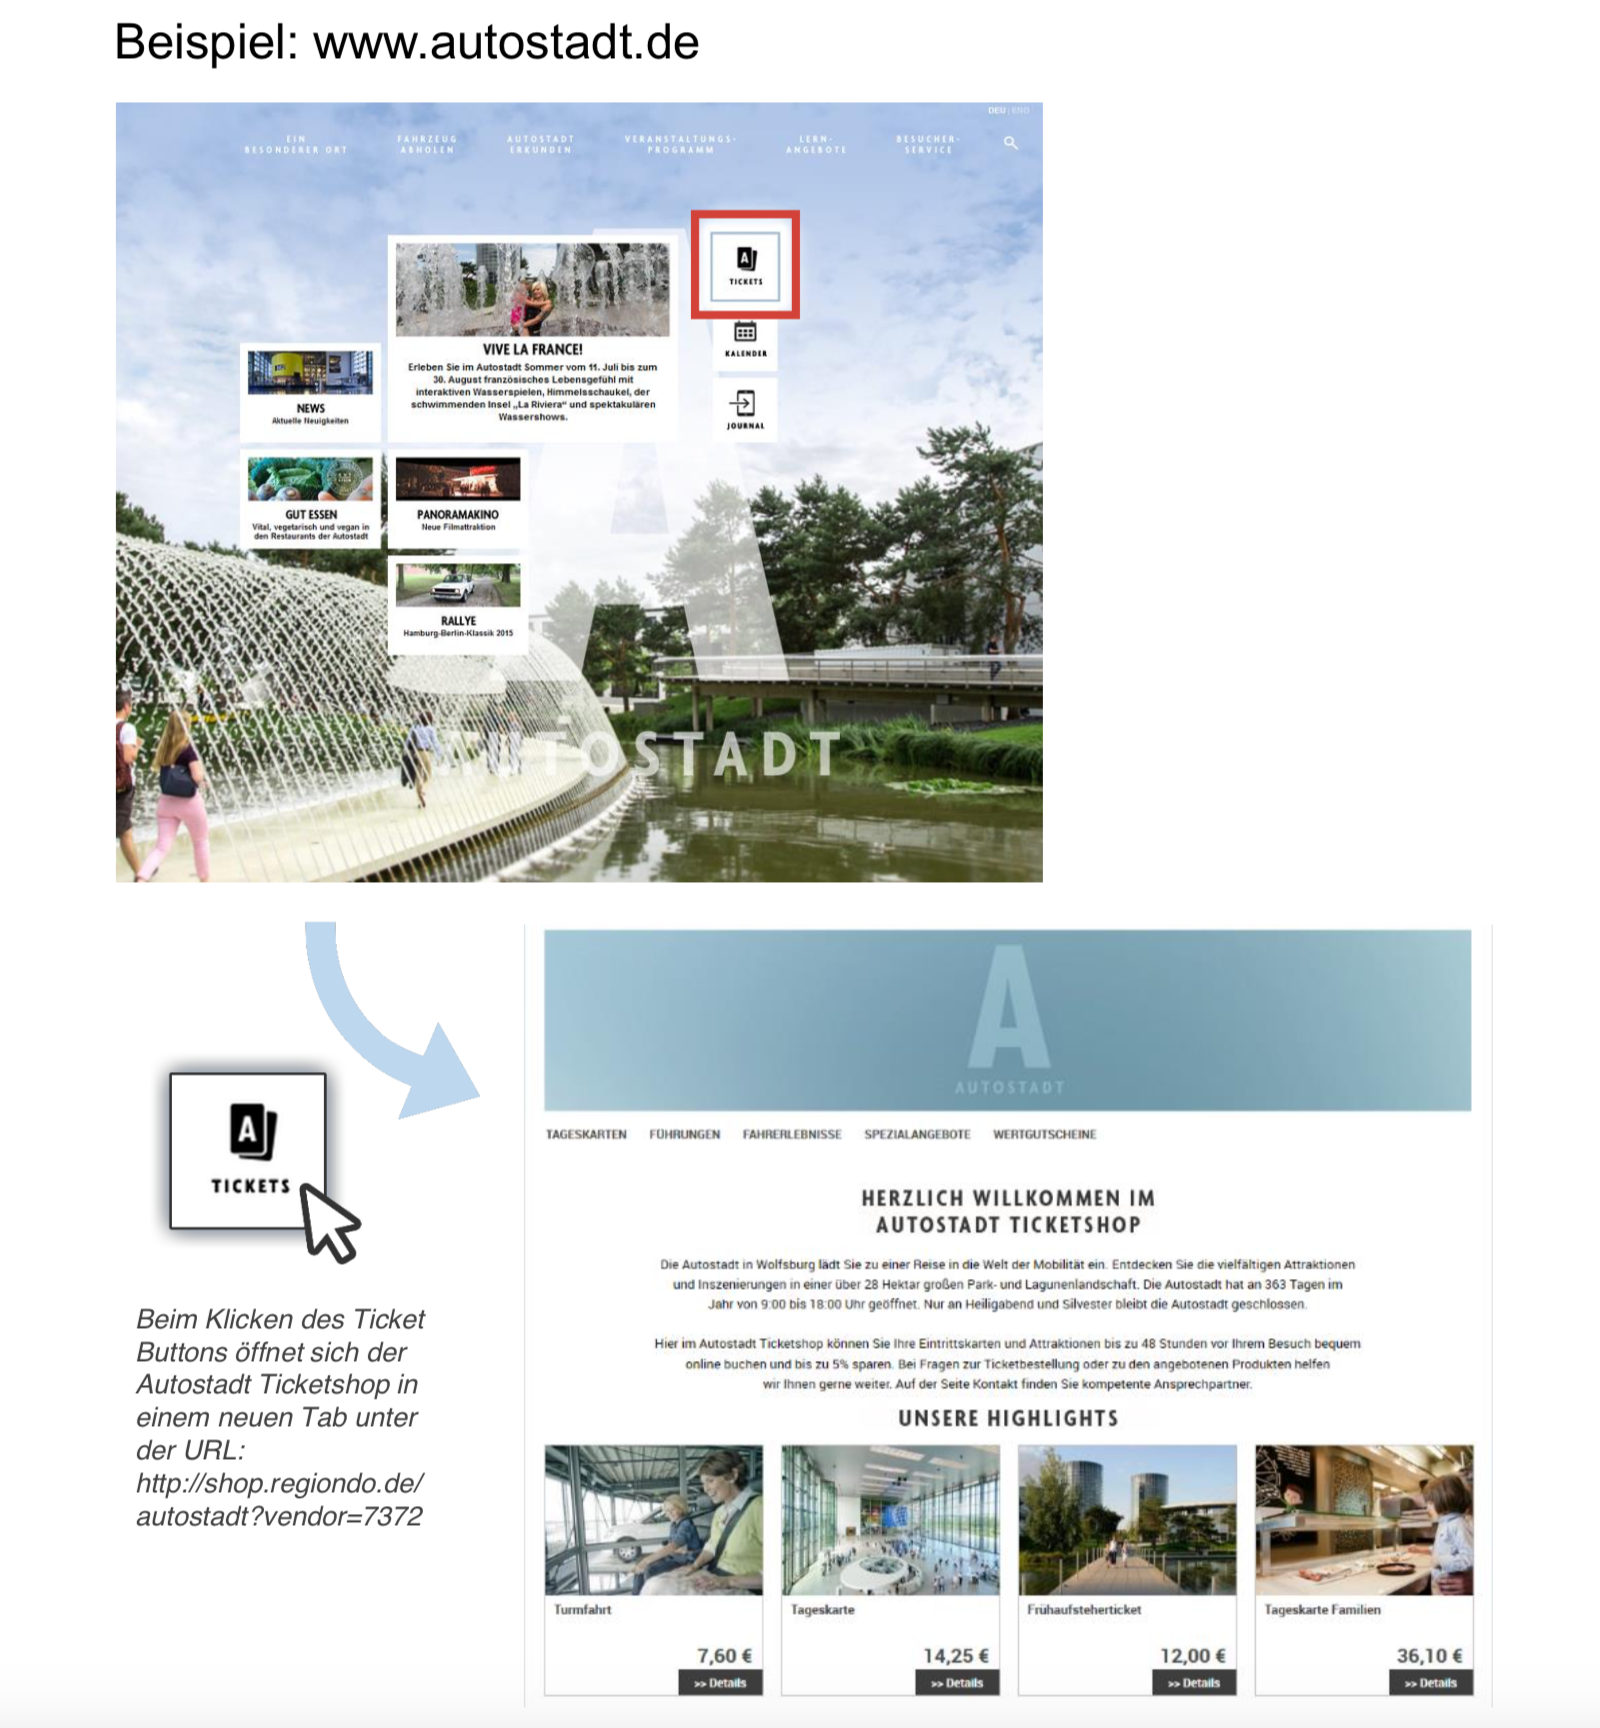 Wie funktioniert die Integration mit einem Link   Regiondo GmbH ...